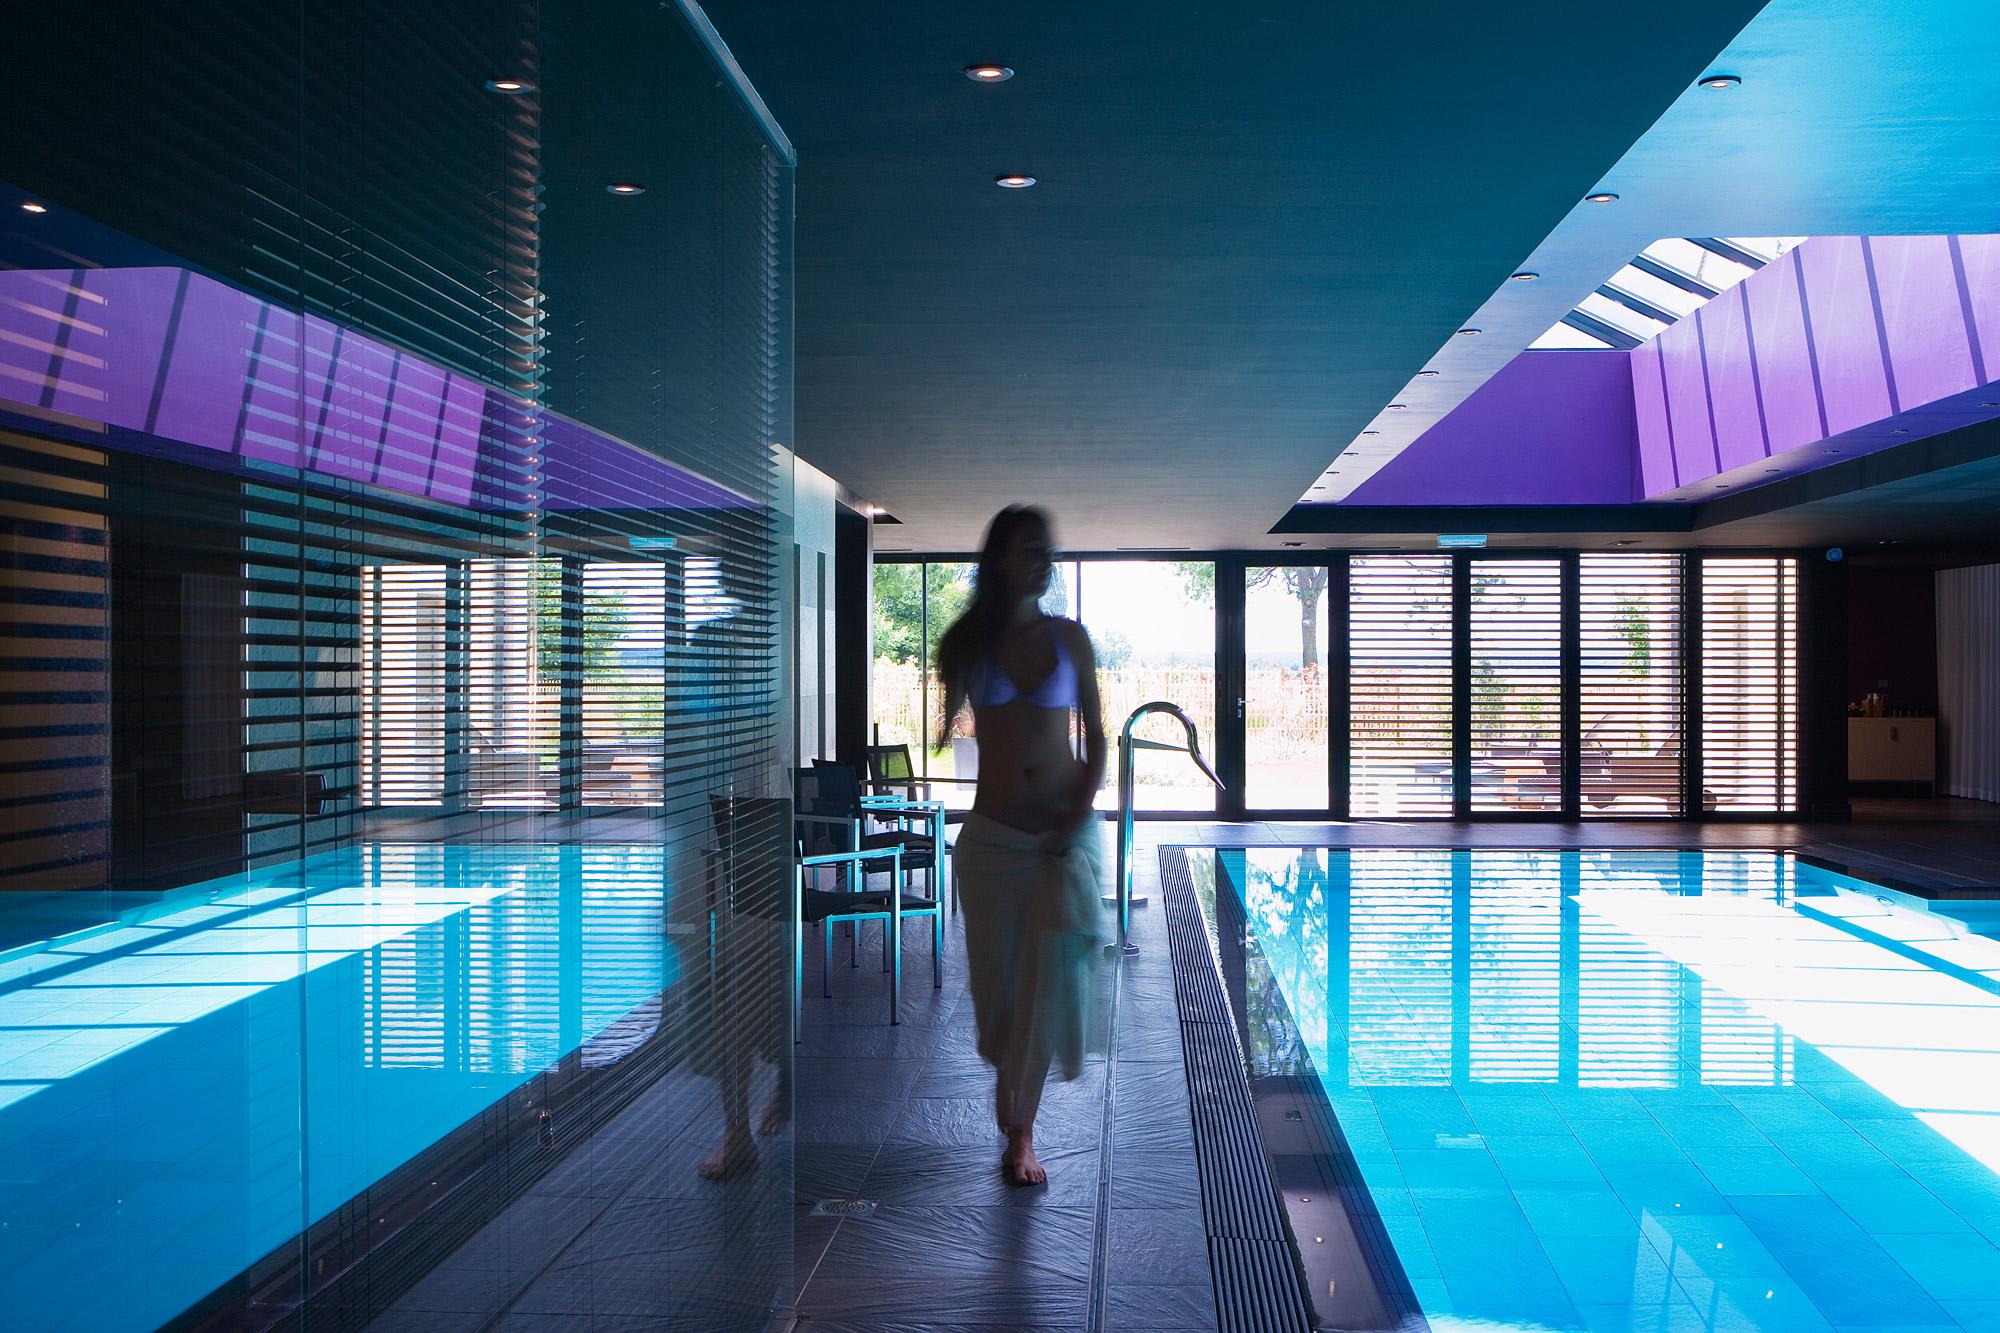 Salle spa design avec jeune femme marchant au bord de la piscine